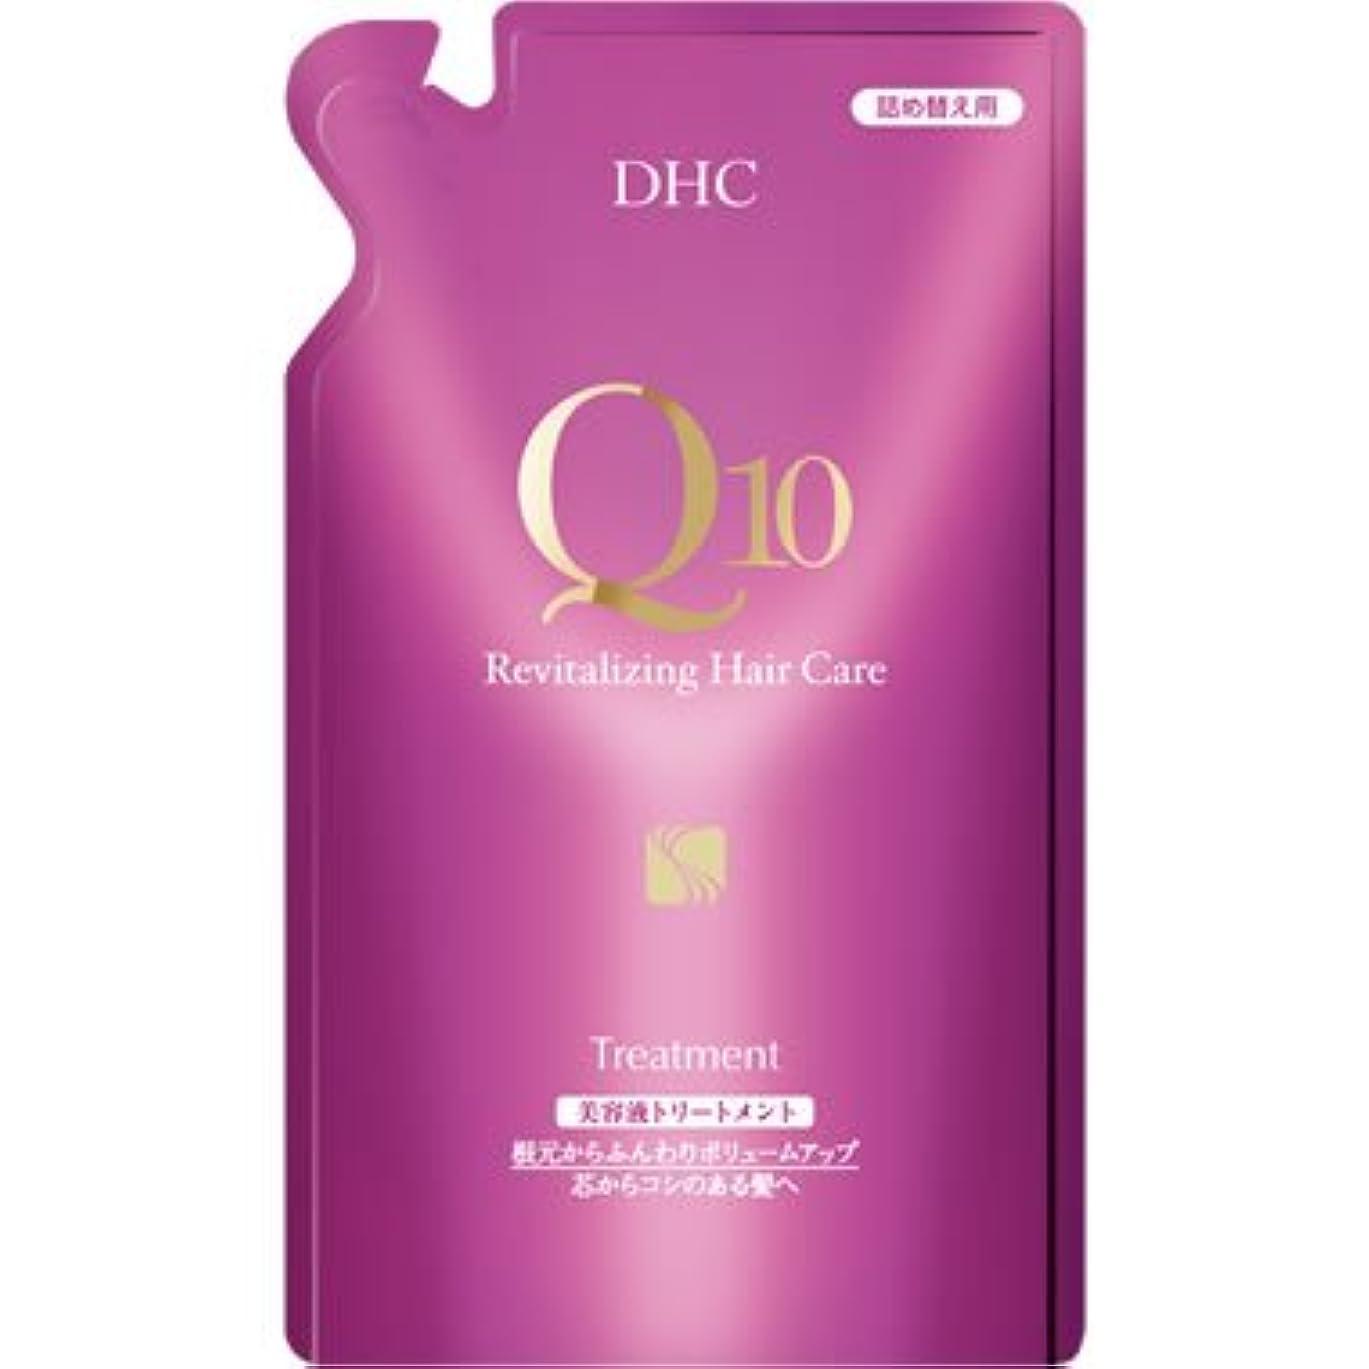 DHC Q10美容液 トリートメント 400ml(詰め替え用)